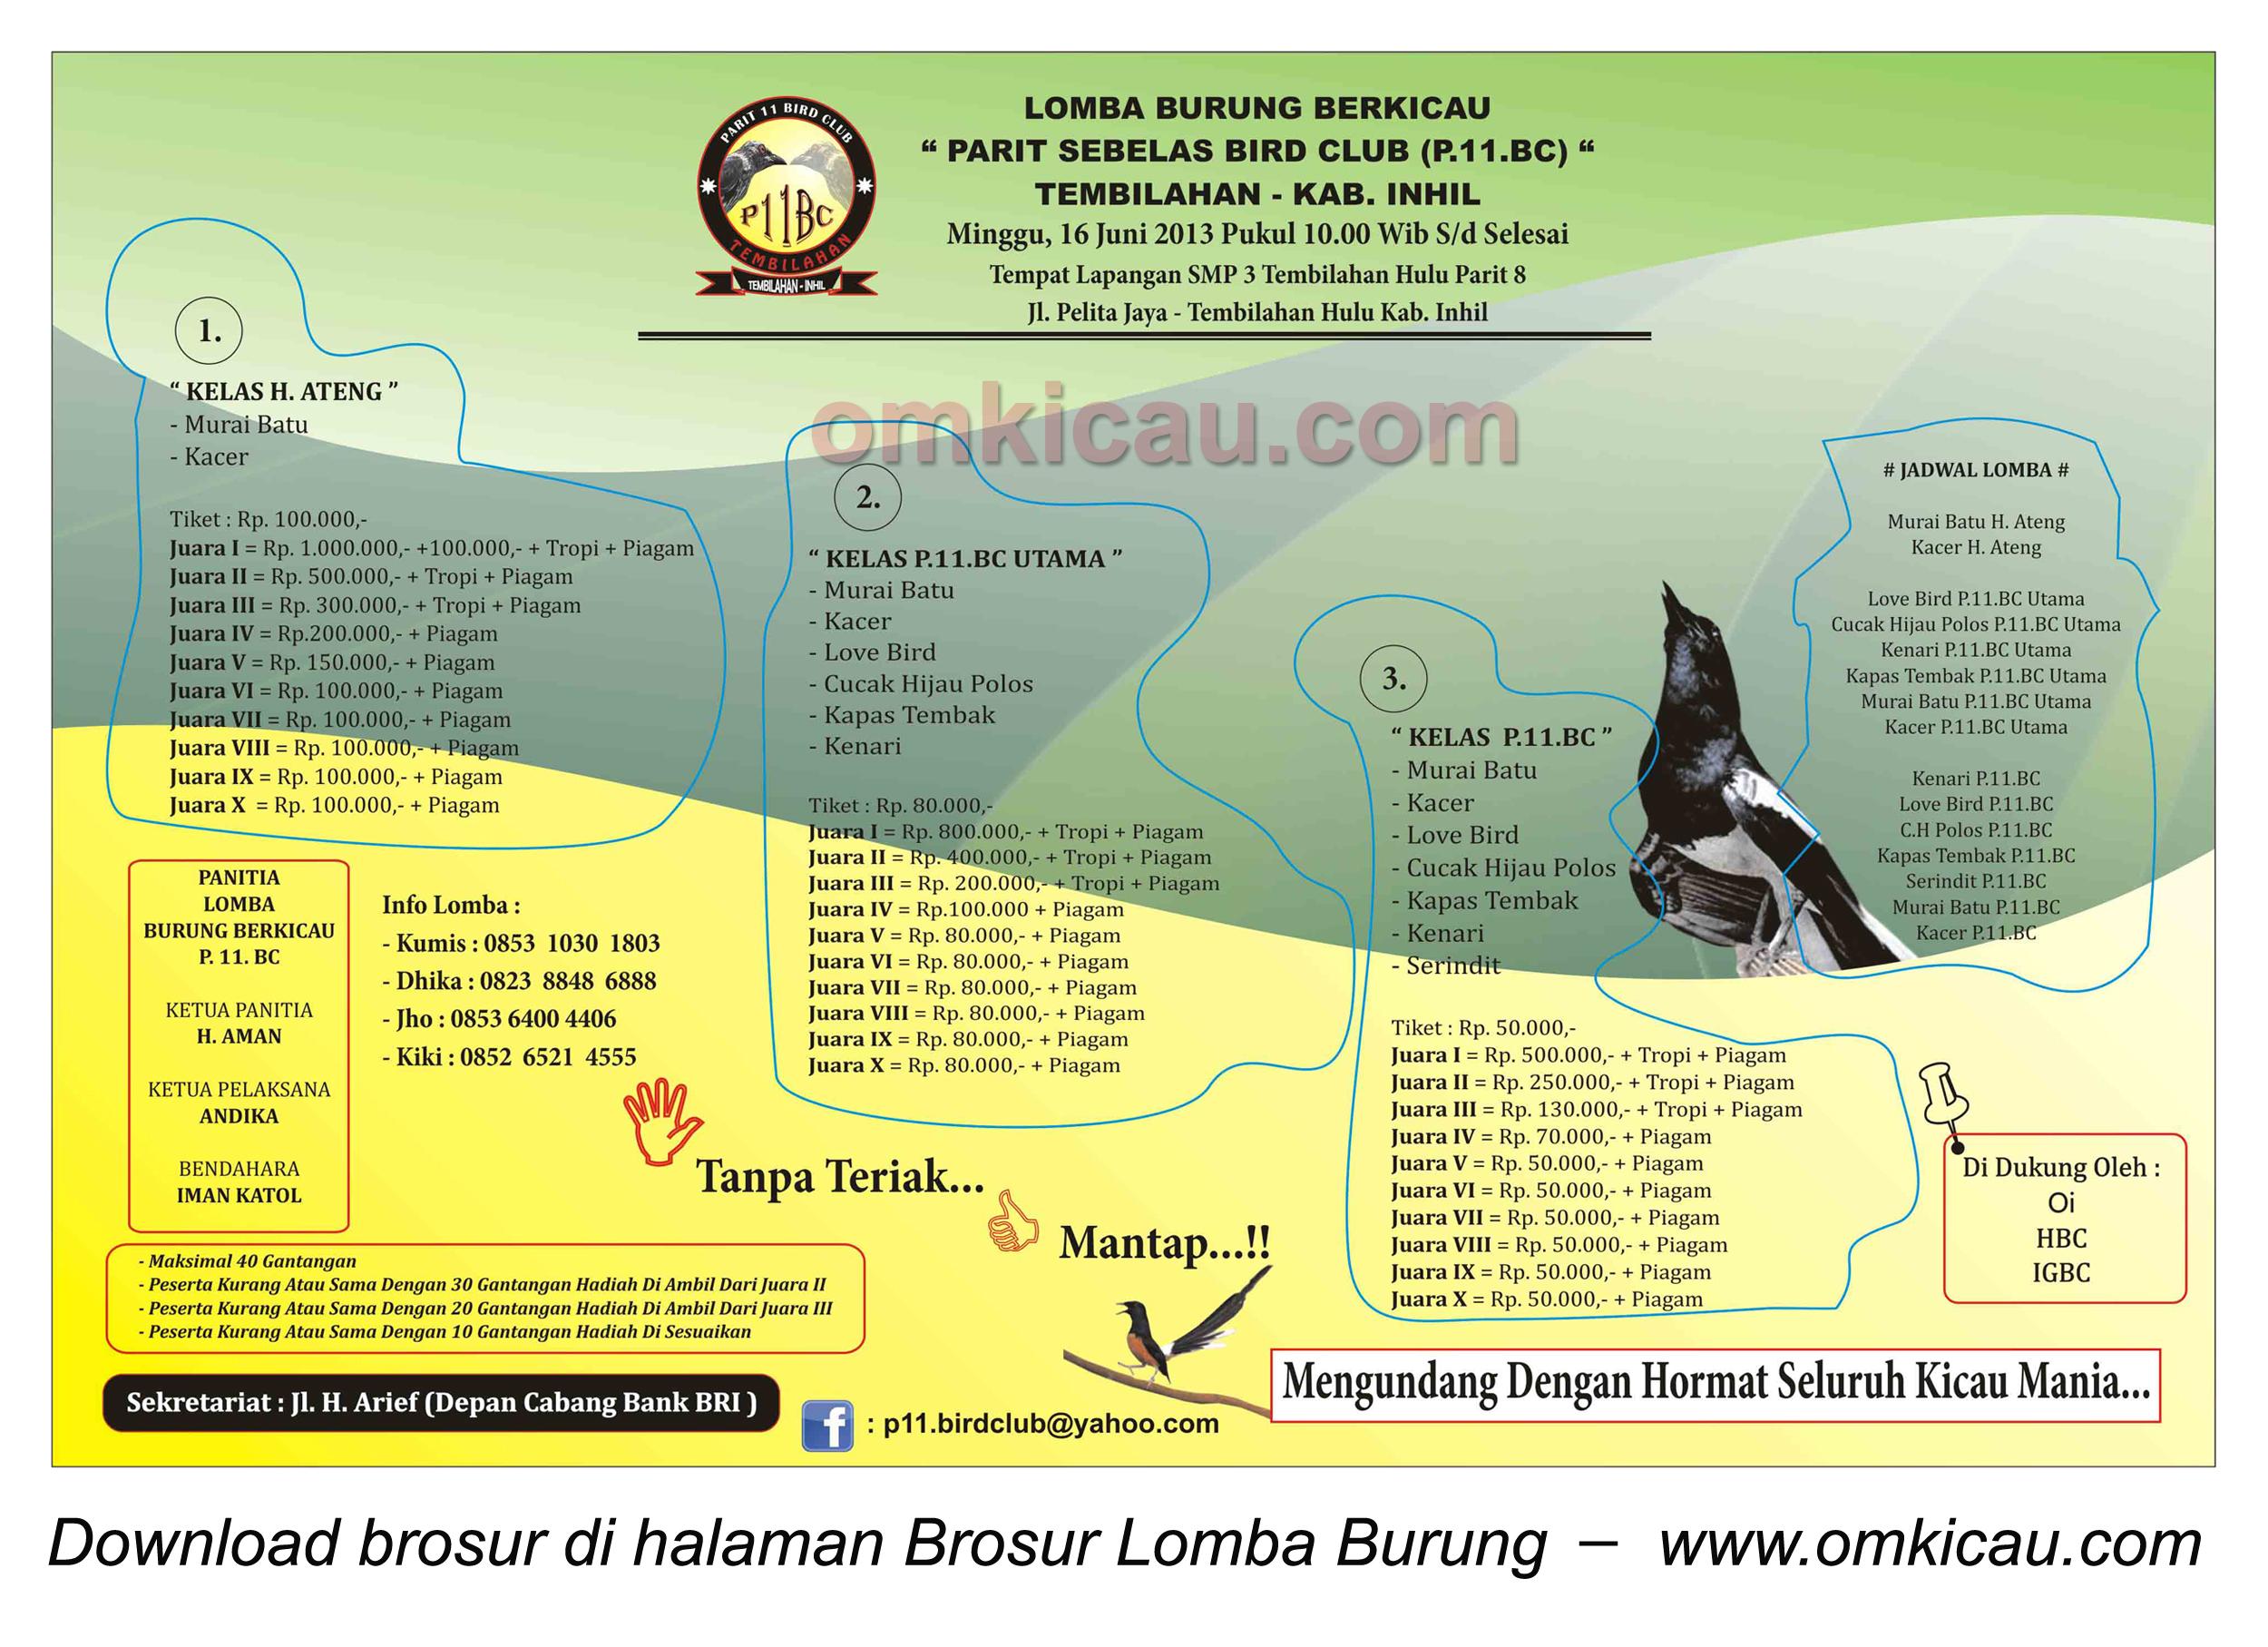 Brosur Lomba Burung Parit 11 BC, Tembilahan Hulu, 16 Juni 2013